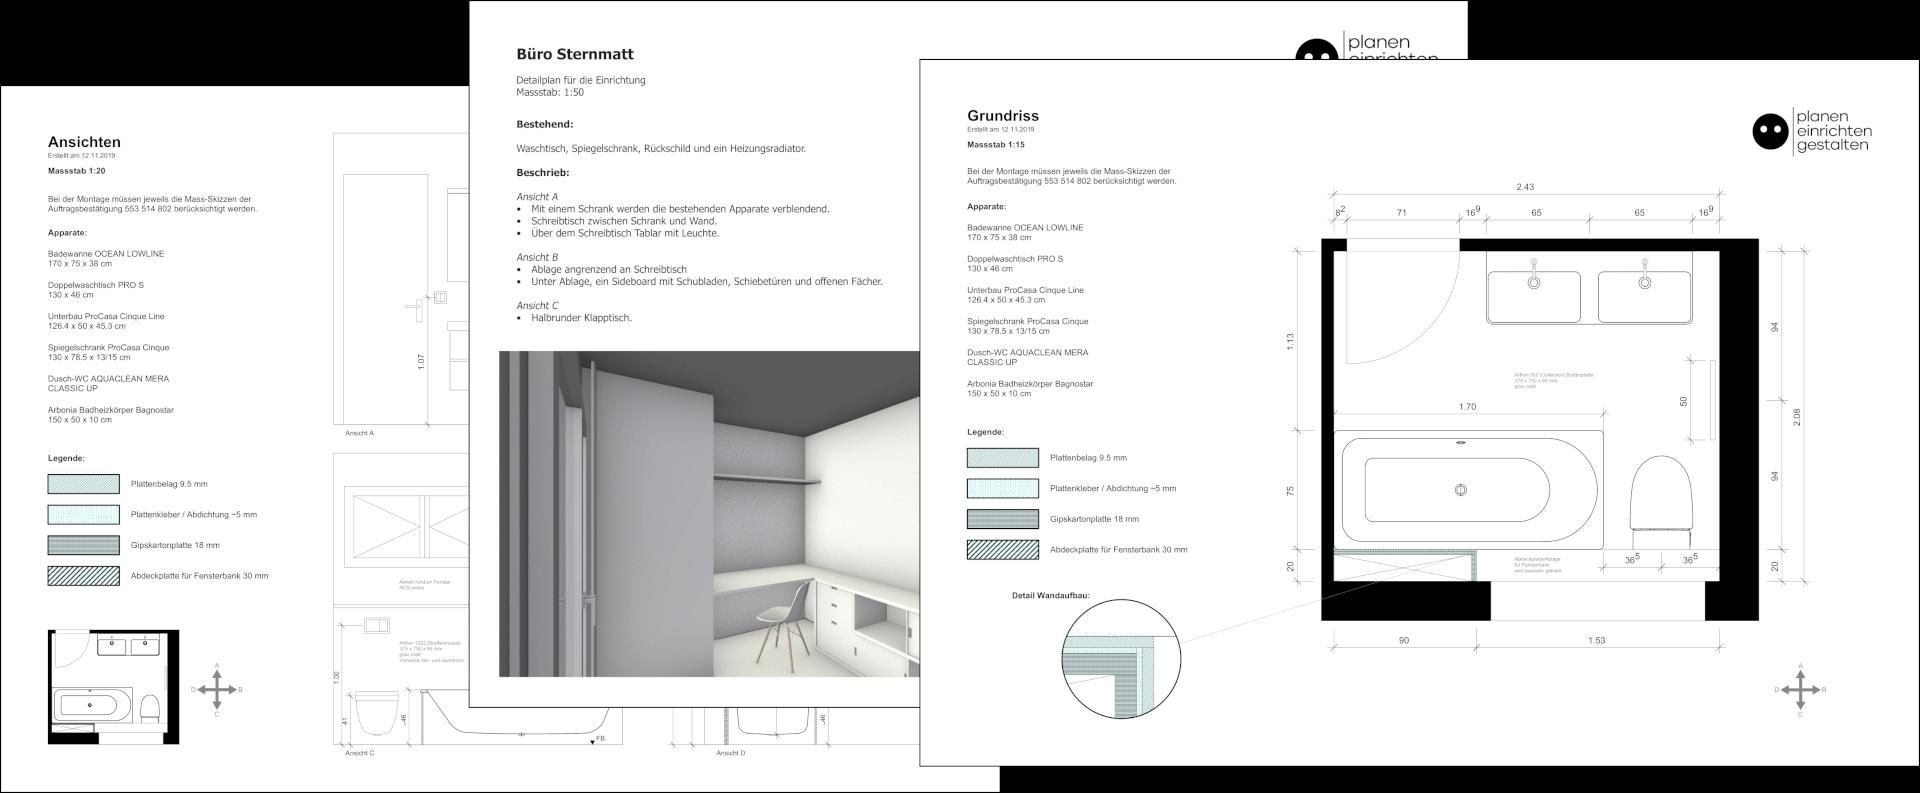 Übereinandergelegte Ausschnitte von drei verschiedenen Detailplänen (Grundrisse, Visualisierung und Ansichten) der planen einrichten gestalten gmbh.